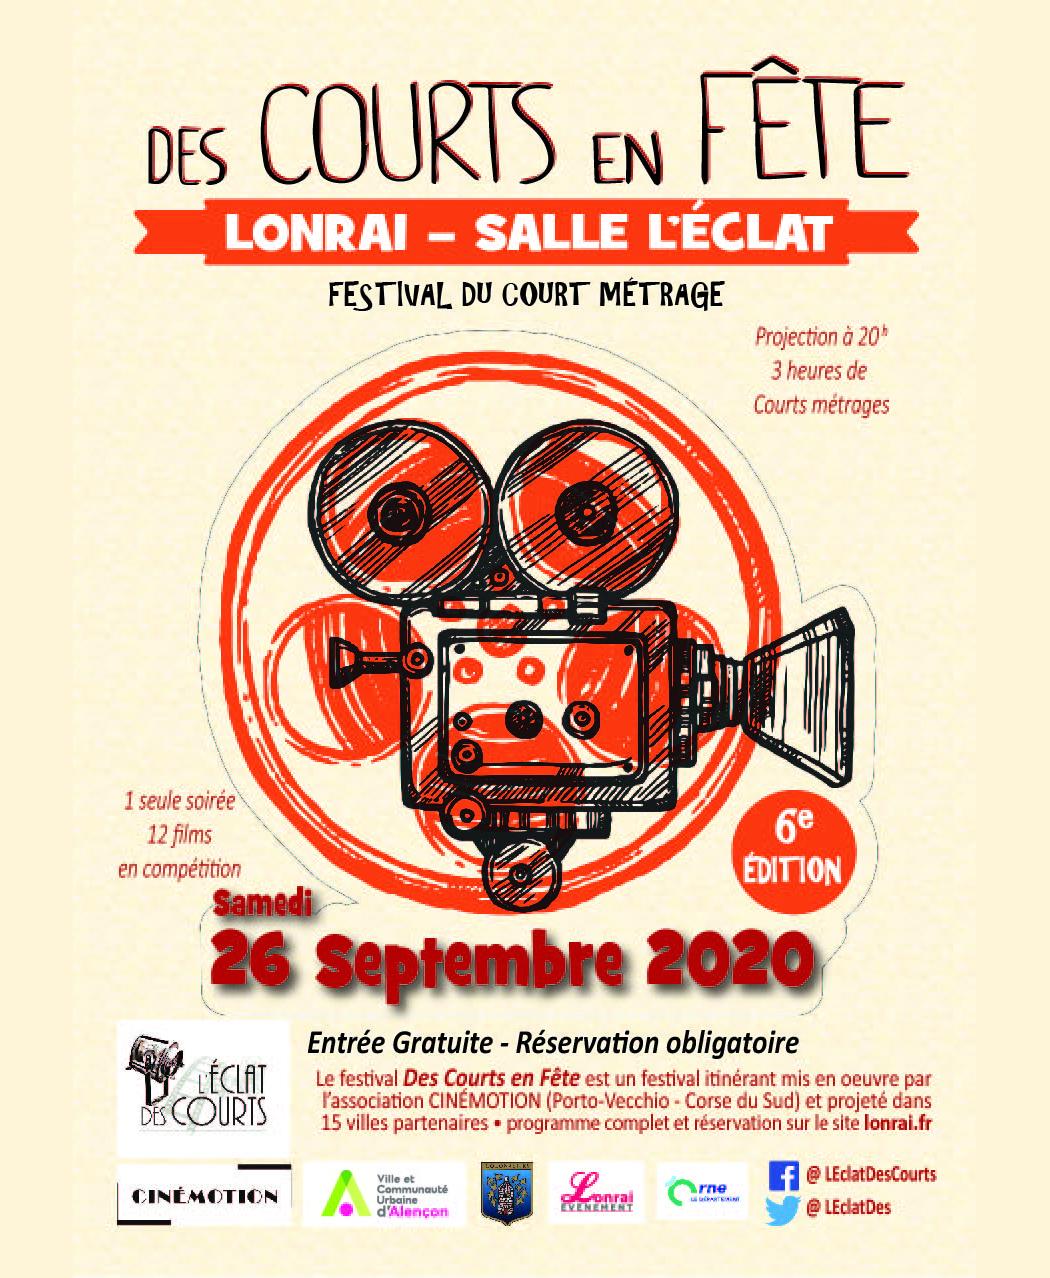 Festival international de court-métrage